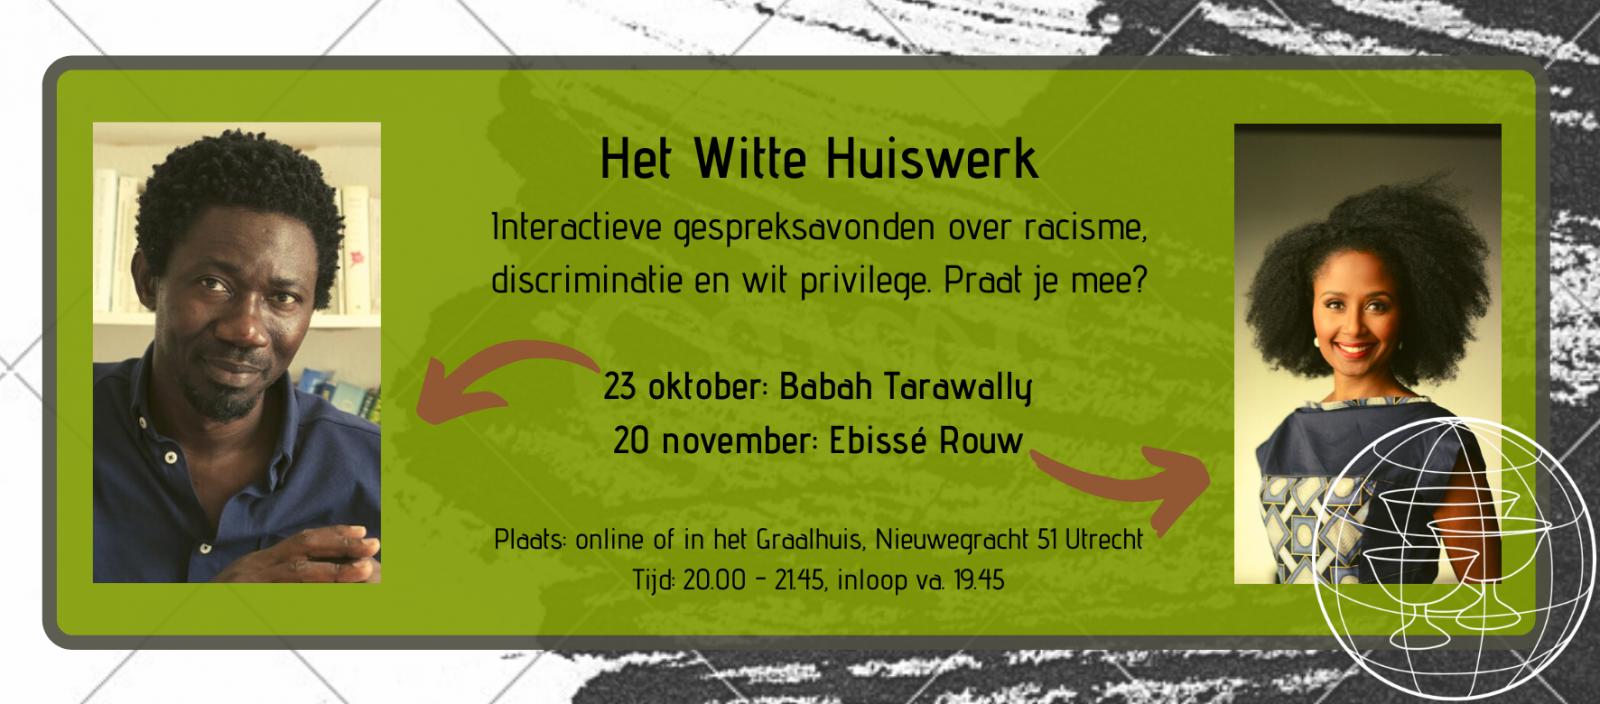 Uitnodiging Witte Huiswerk – interactieve avonden Graalhuis – smaller.doc